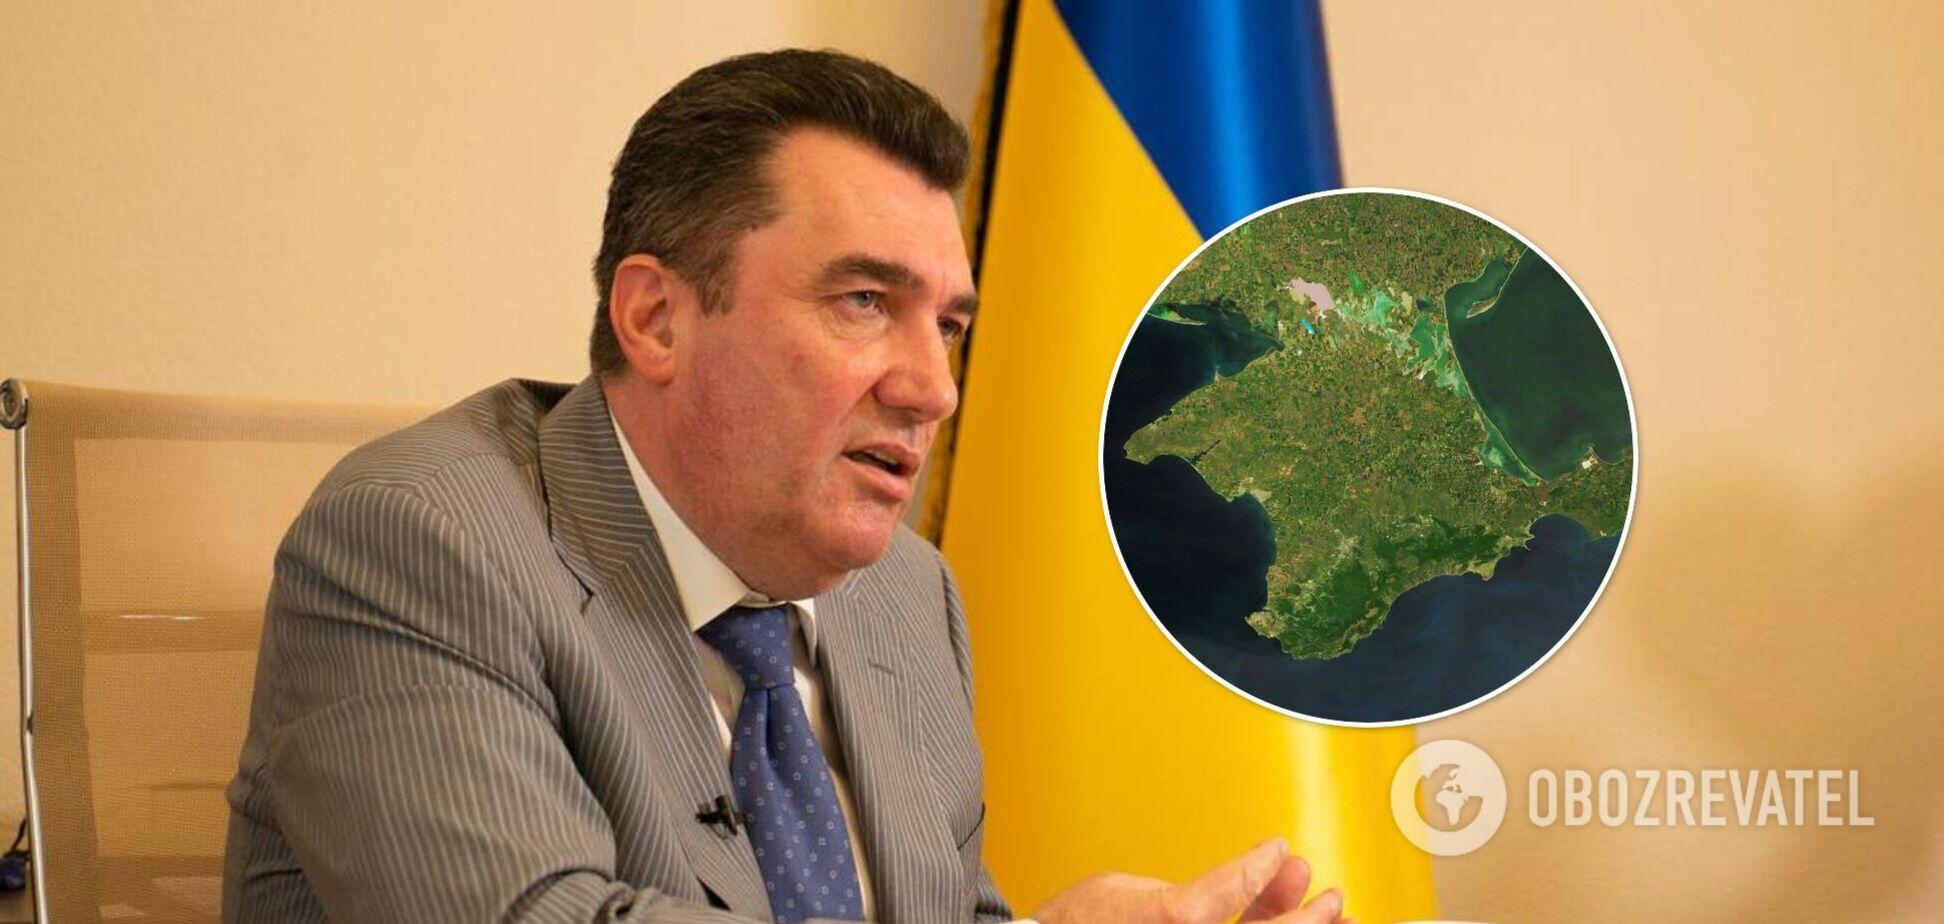 Данилов назвал две страны, ответственные за оккупацию Крыма